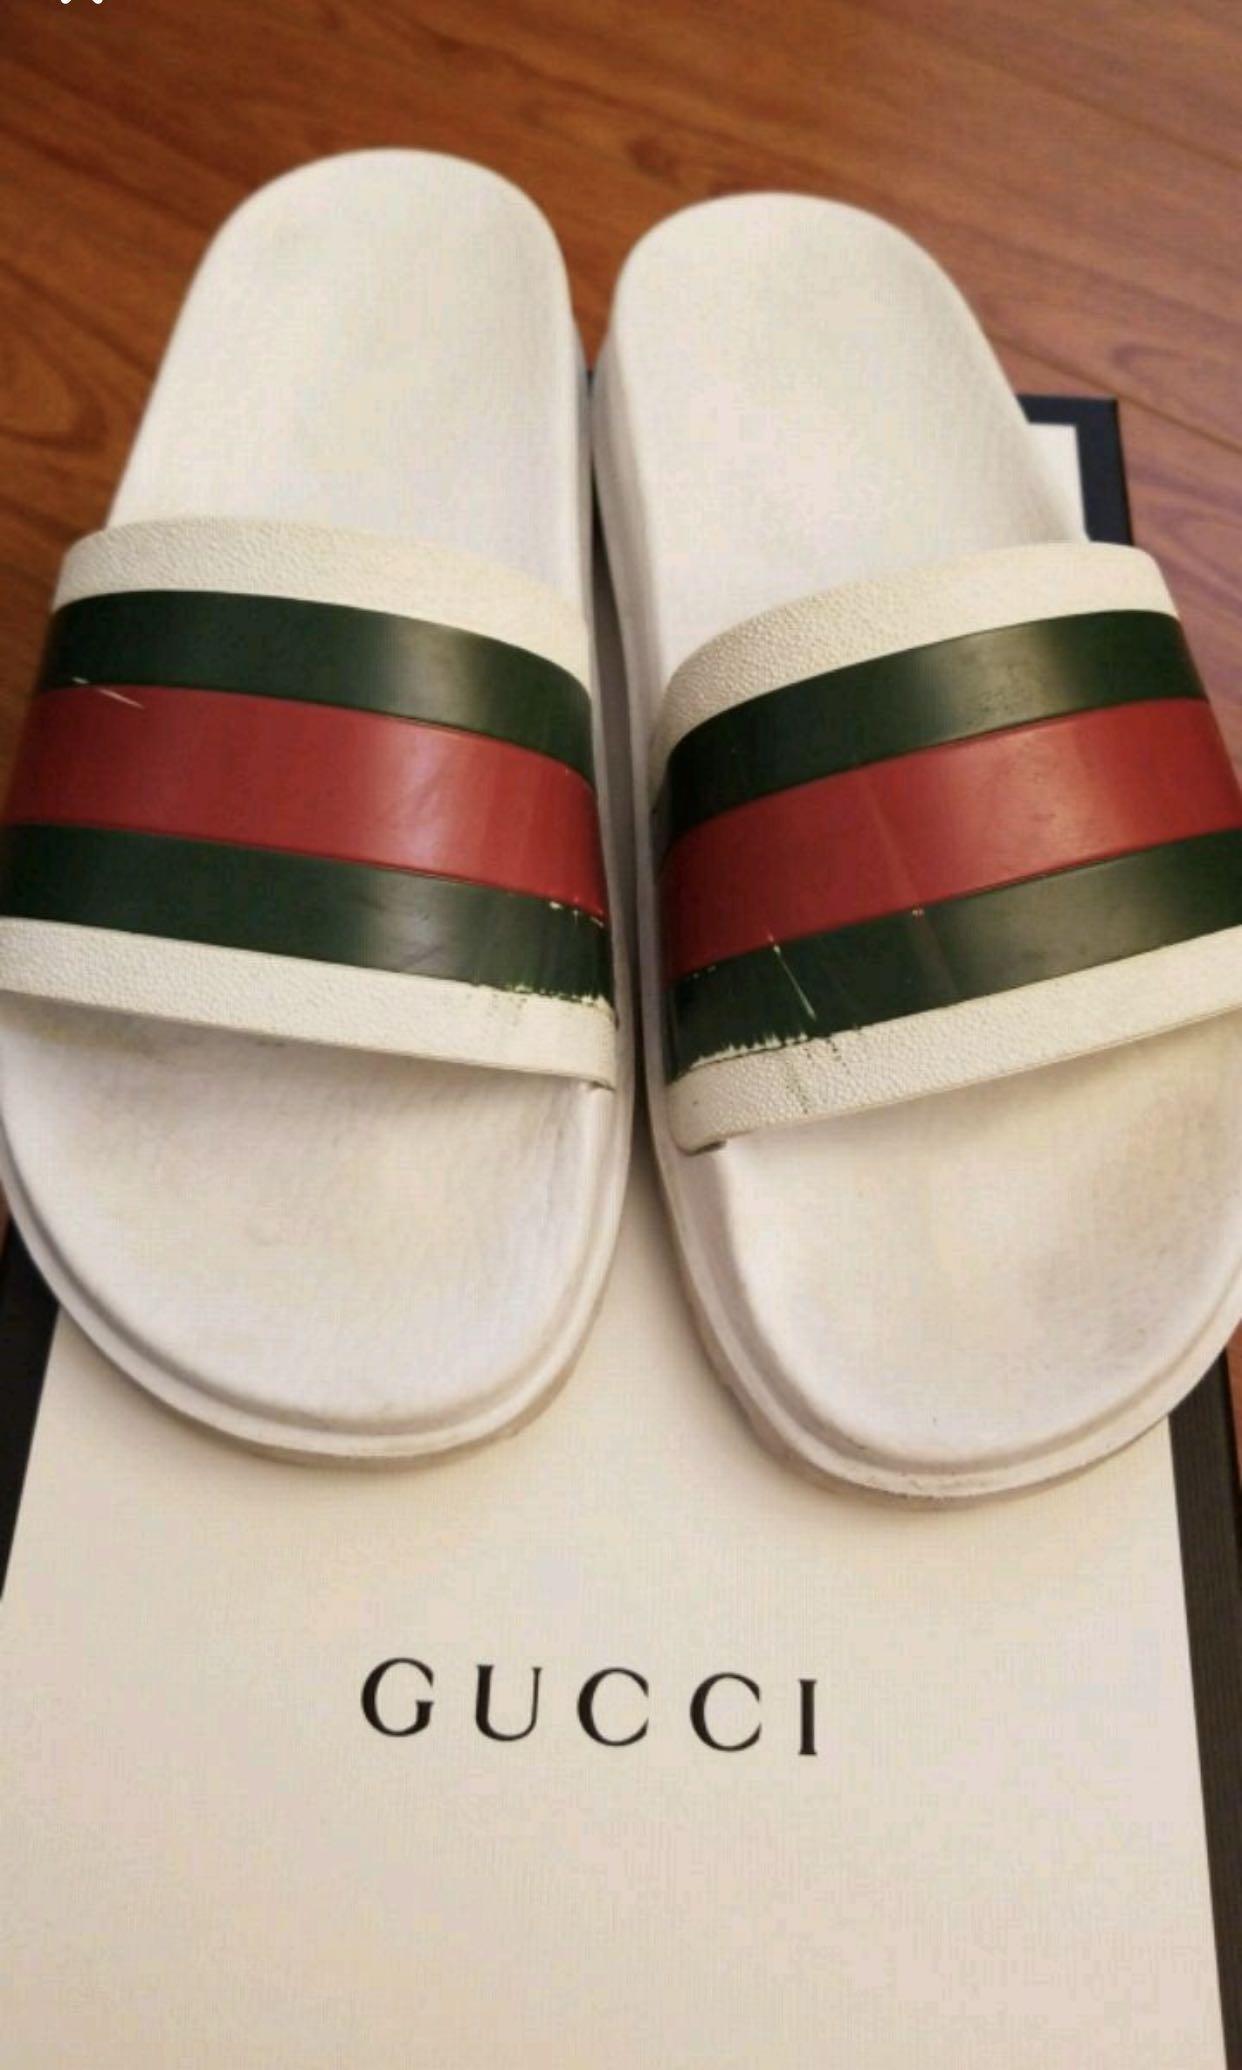 Authentic Gucci slides